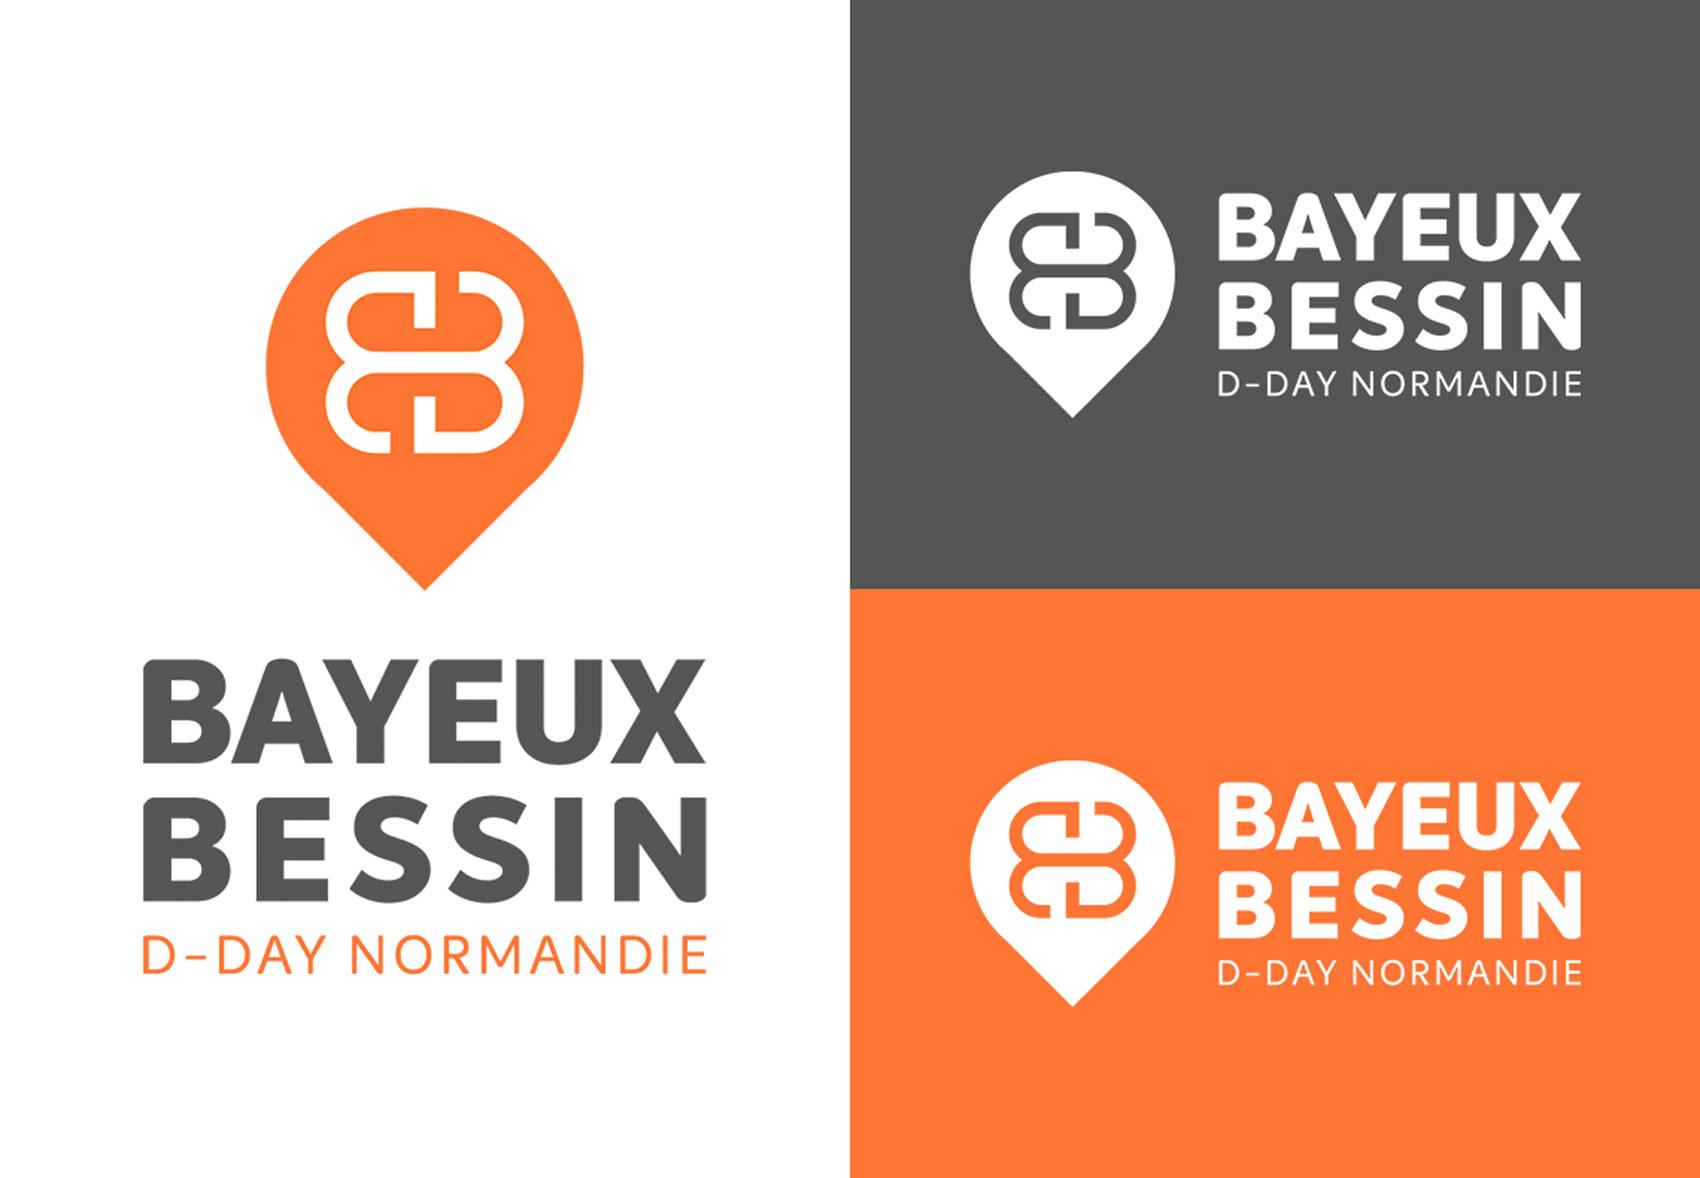 Identité visuelle Bayeux Bessin